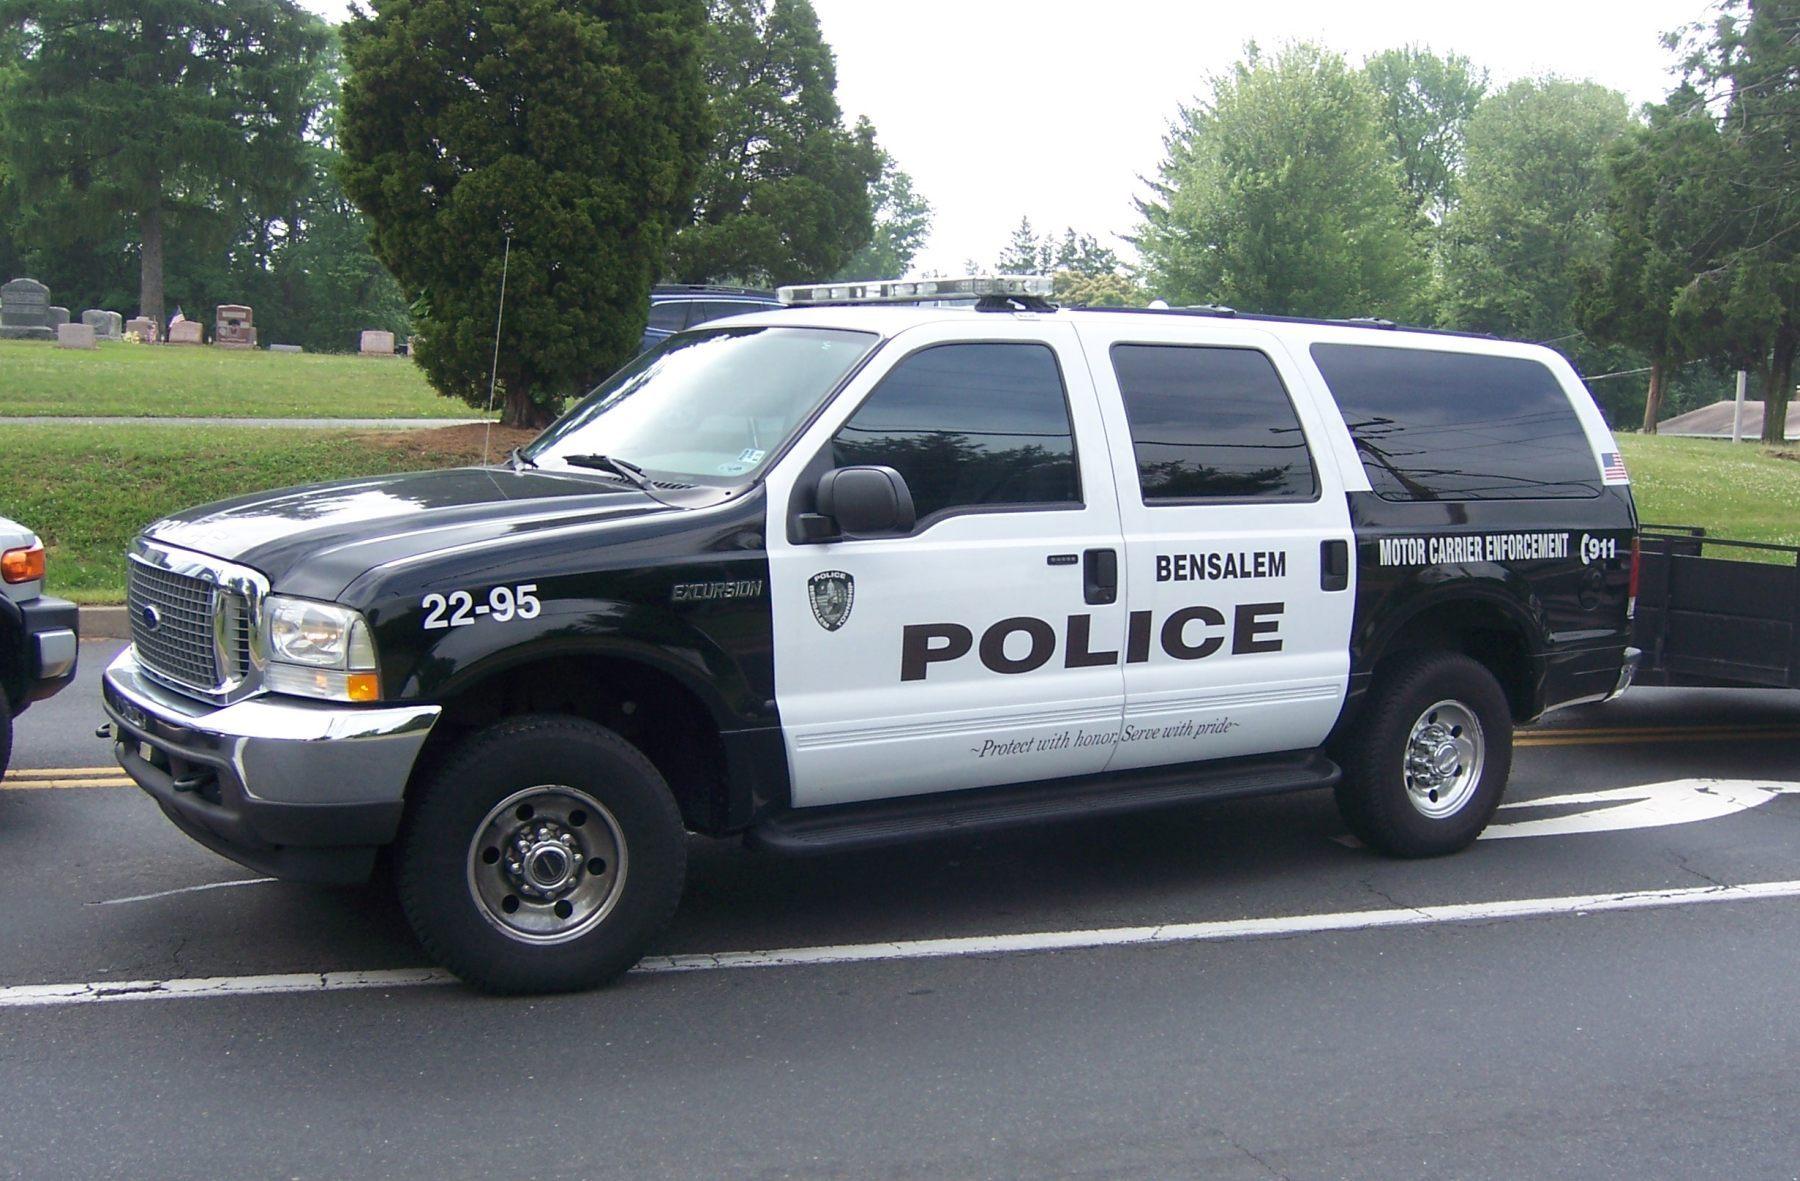 police car website. Black Bedroom Furniture Sets. Home Design Ideas